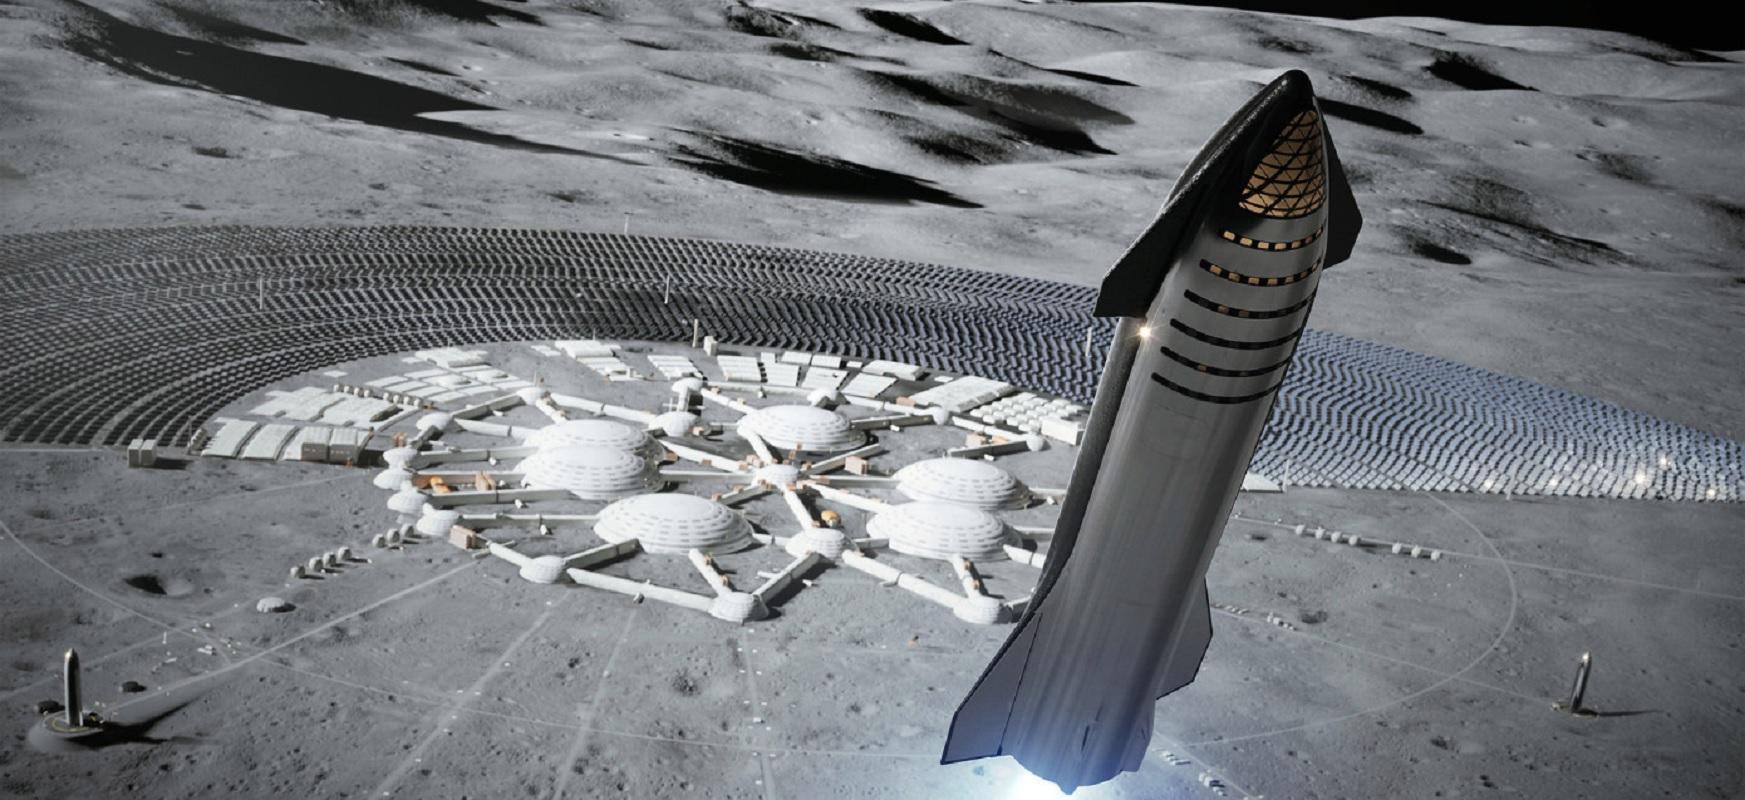 Elon Musk-ek honela dio: Starship eraikitzeko esku guztiak